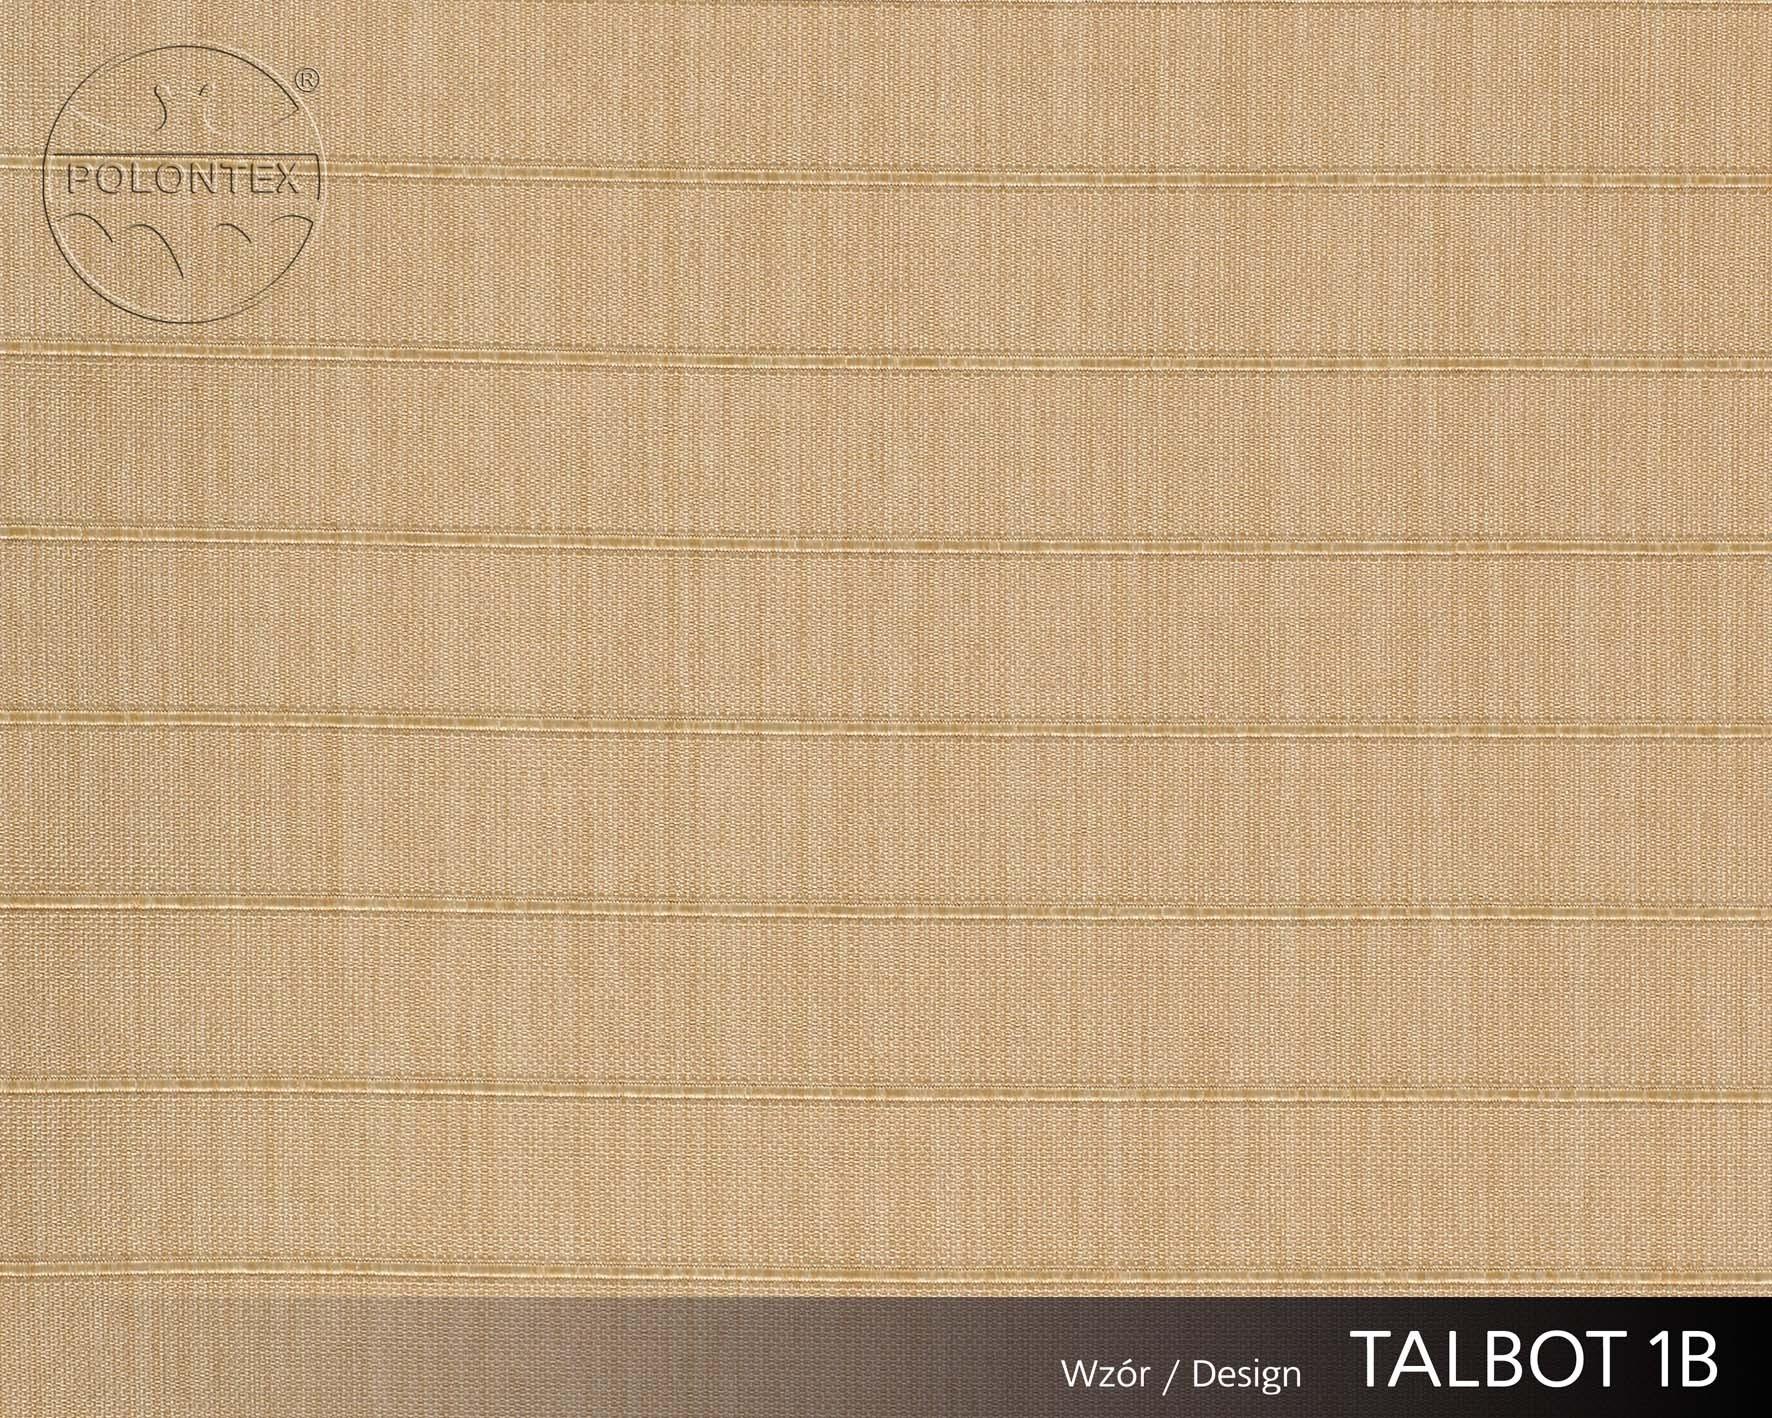 TALBOT 1B 706N